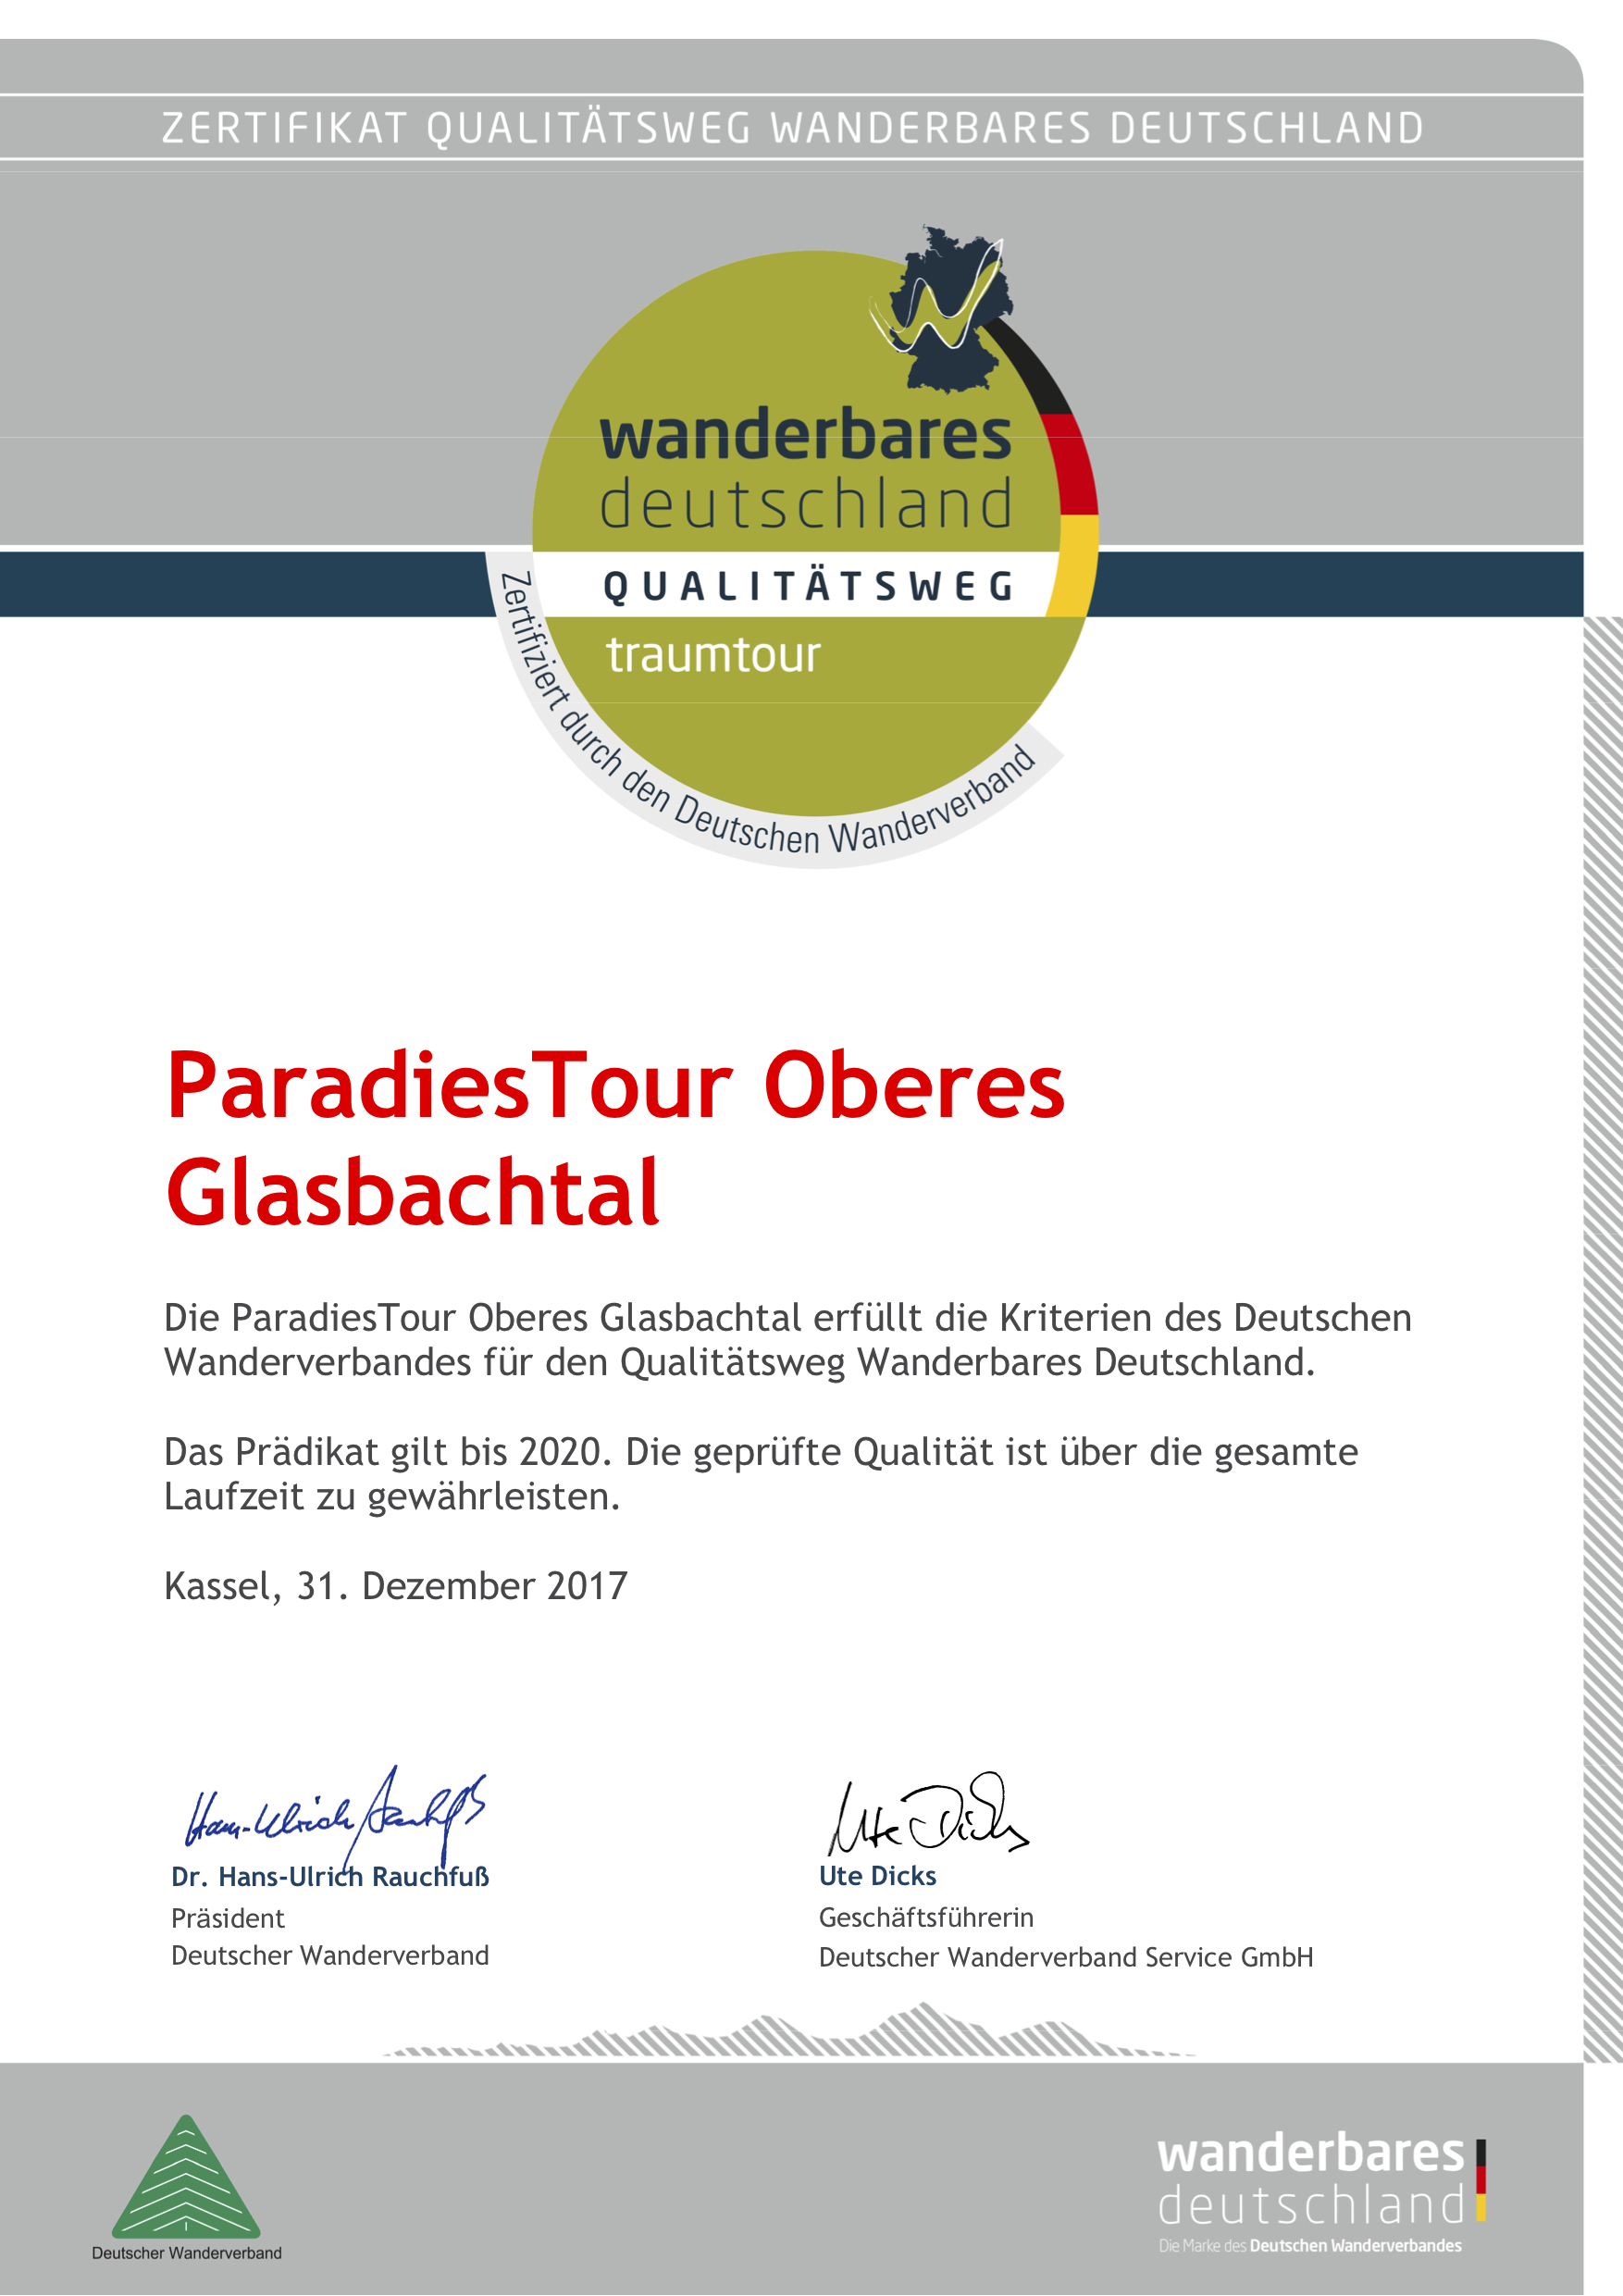 Urkunde ParadiesTour Oberes Glasbachtal Zertifizierung